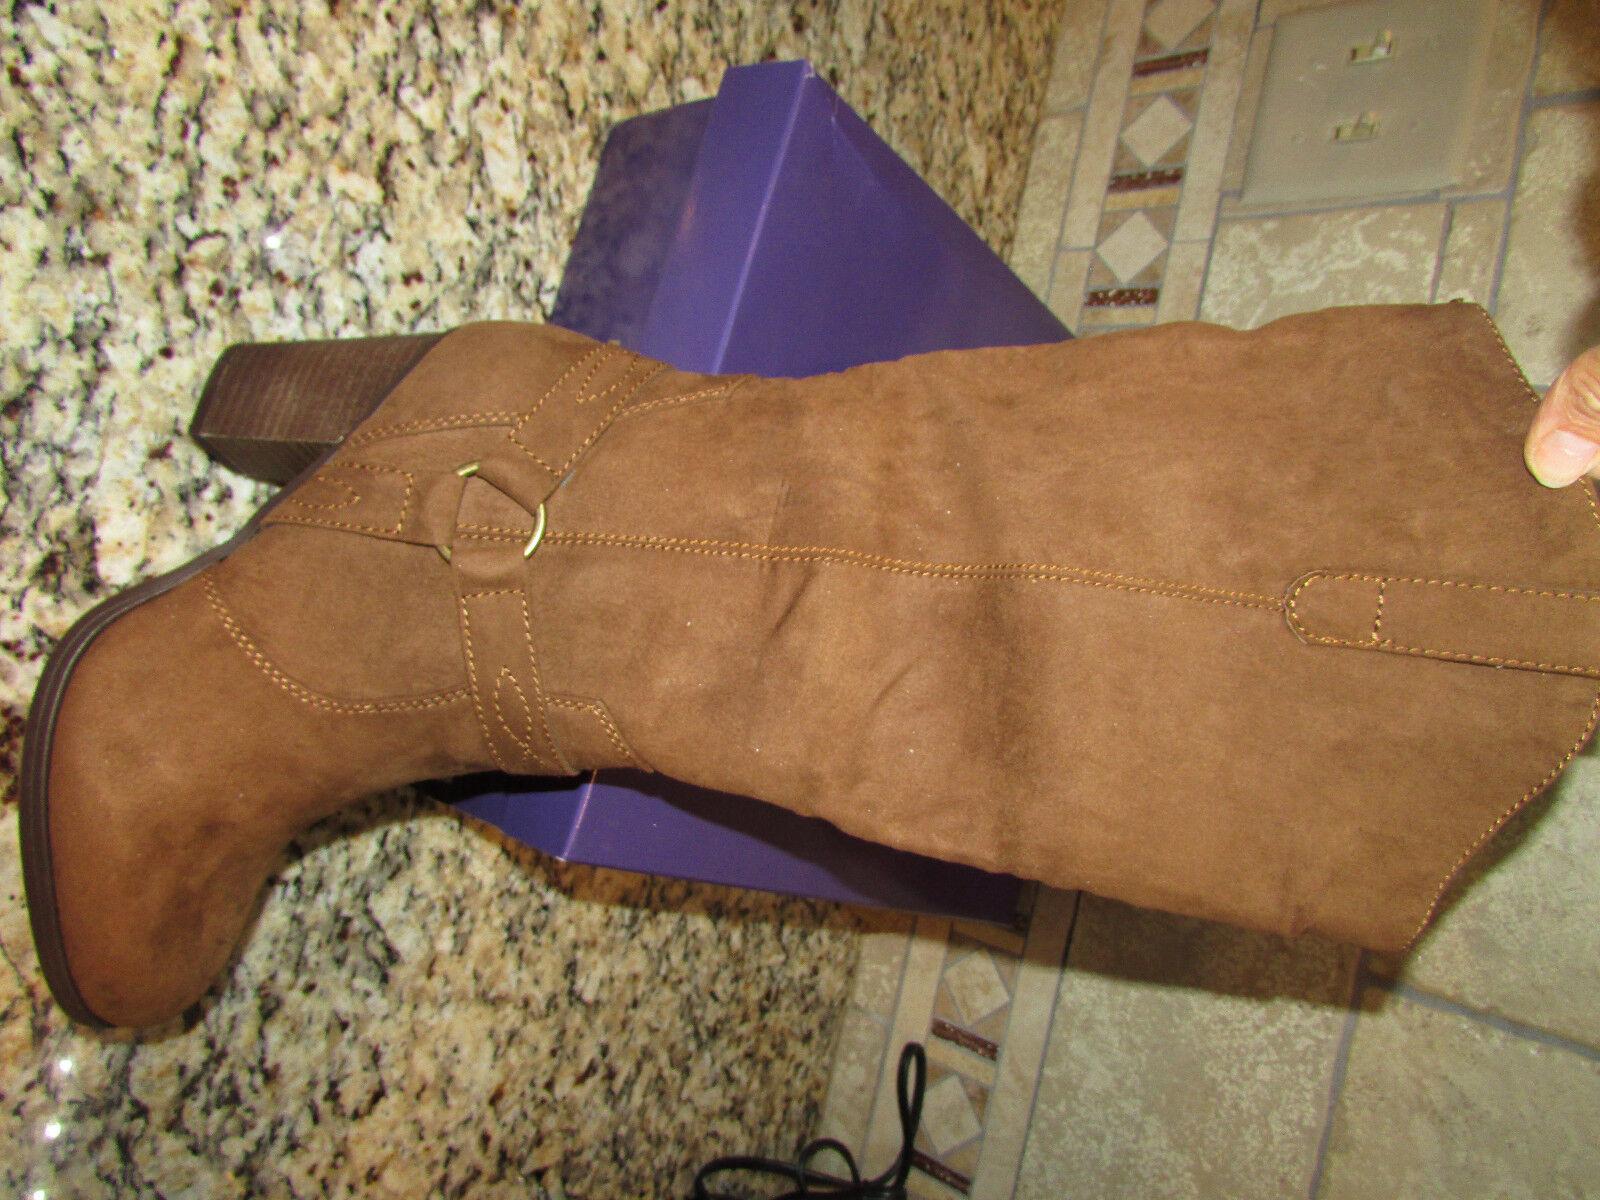 Nuevas botas de alto Madden Girl Bombardier Castaño para para para Mujer 9 rodilla Hig Cognac  echa un vistazo a los más baratos